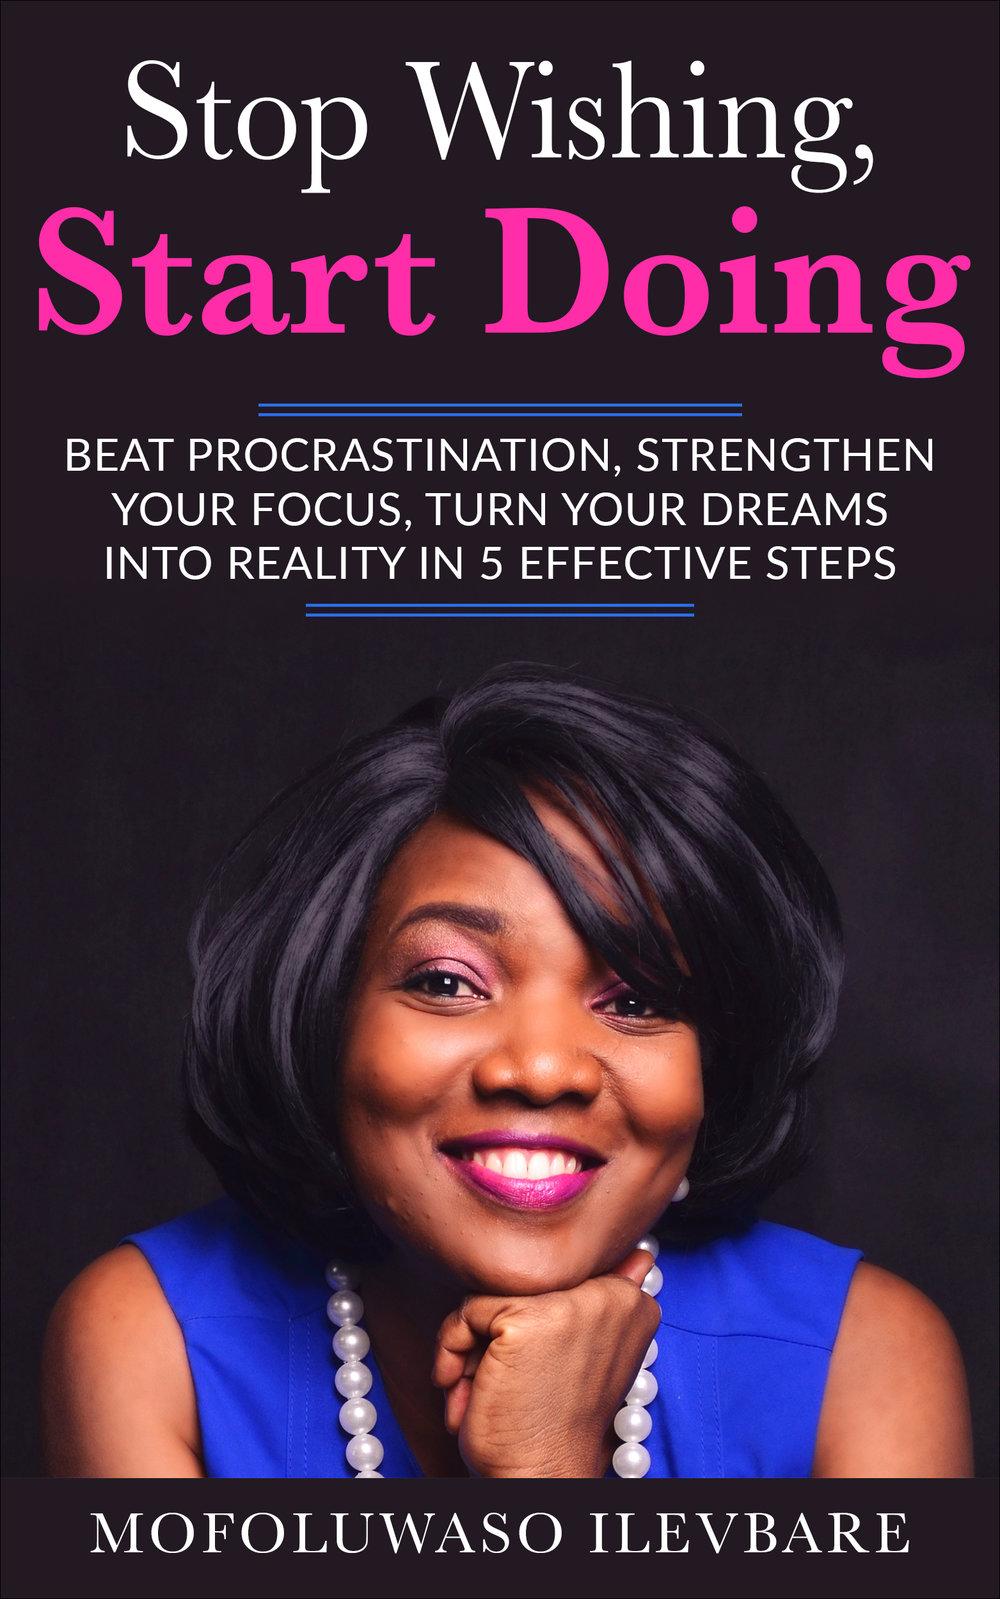 Ethaine_Stop_Dreaming__Start_Doing3.jpg